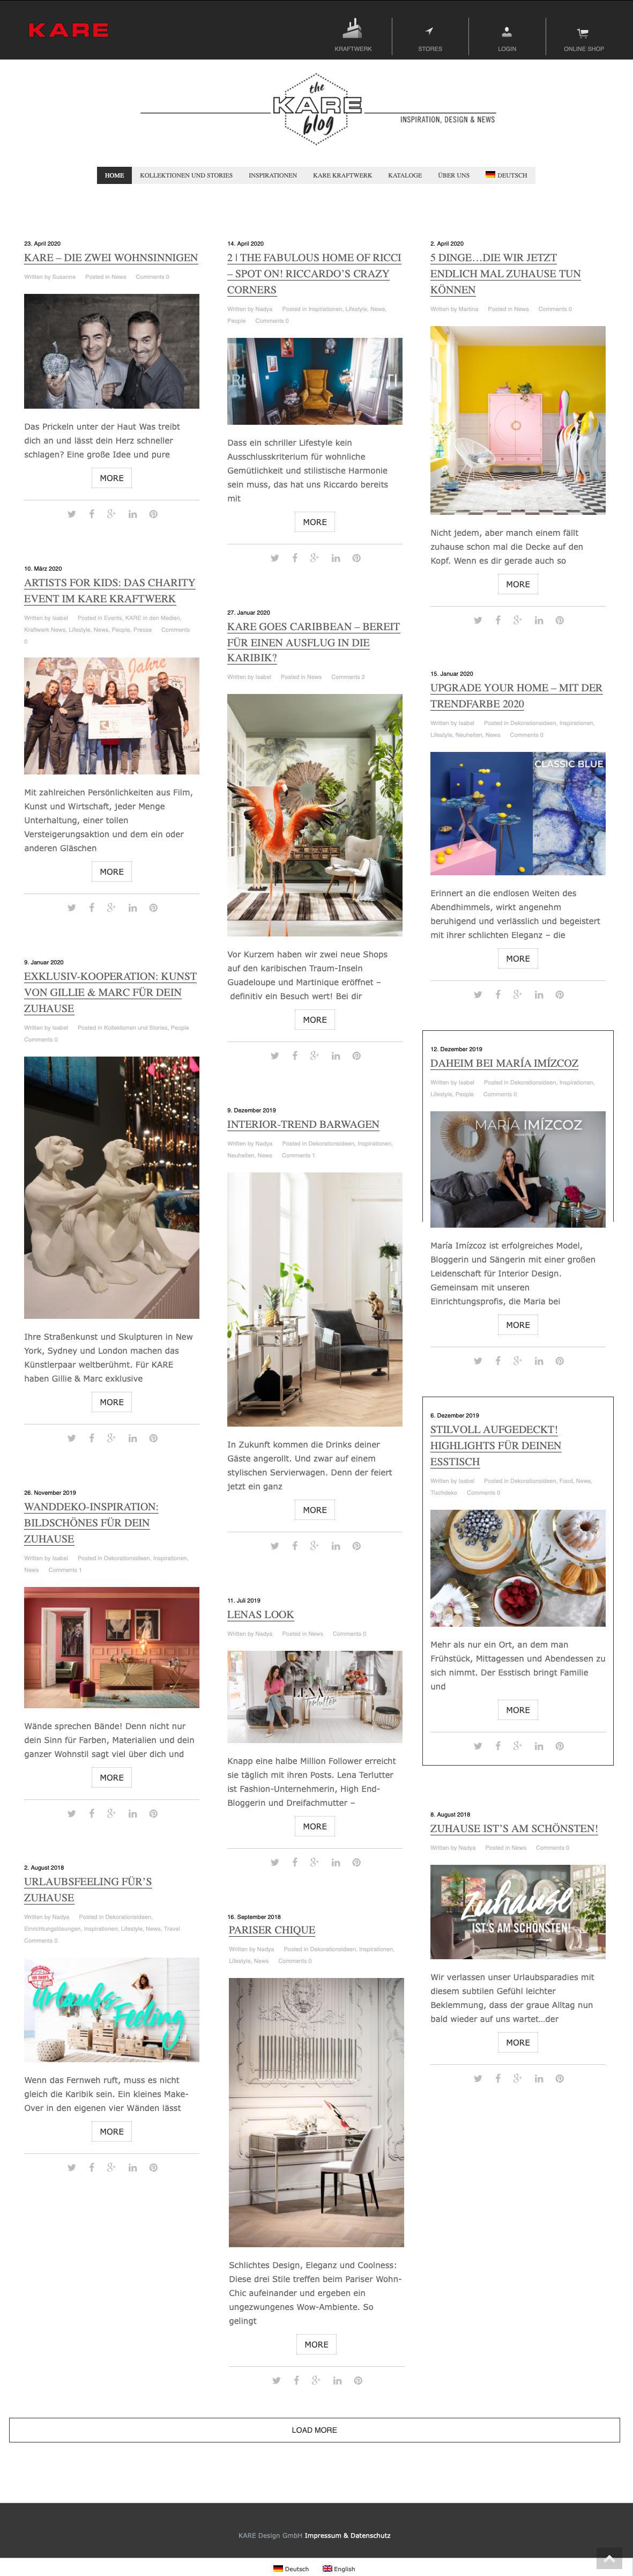 Webseite KARE-Blog